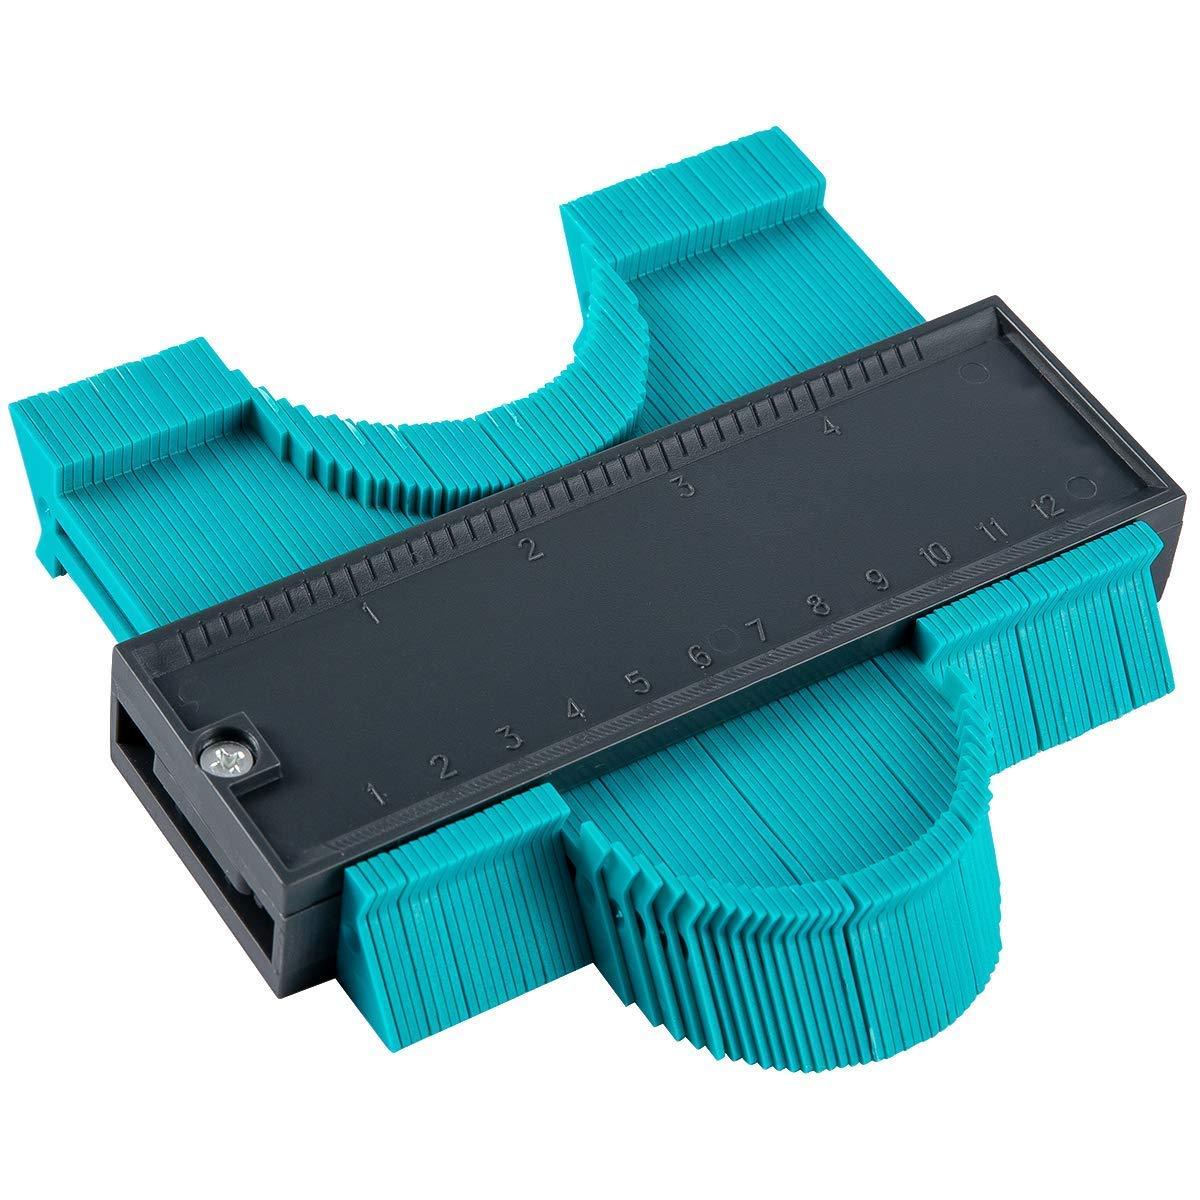 Alliebe Strumento di Misurazione//Irregolare Profile Misuratore Copia Calibri Guida per Contorni Duplicatore Profilometro,5 pollici//125 mm